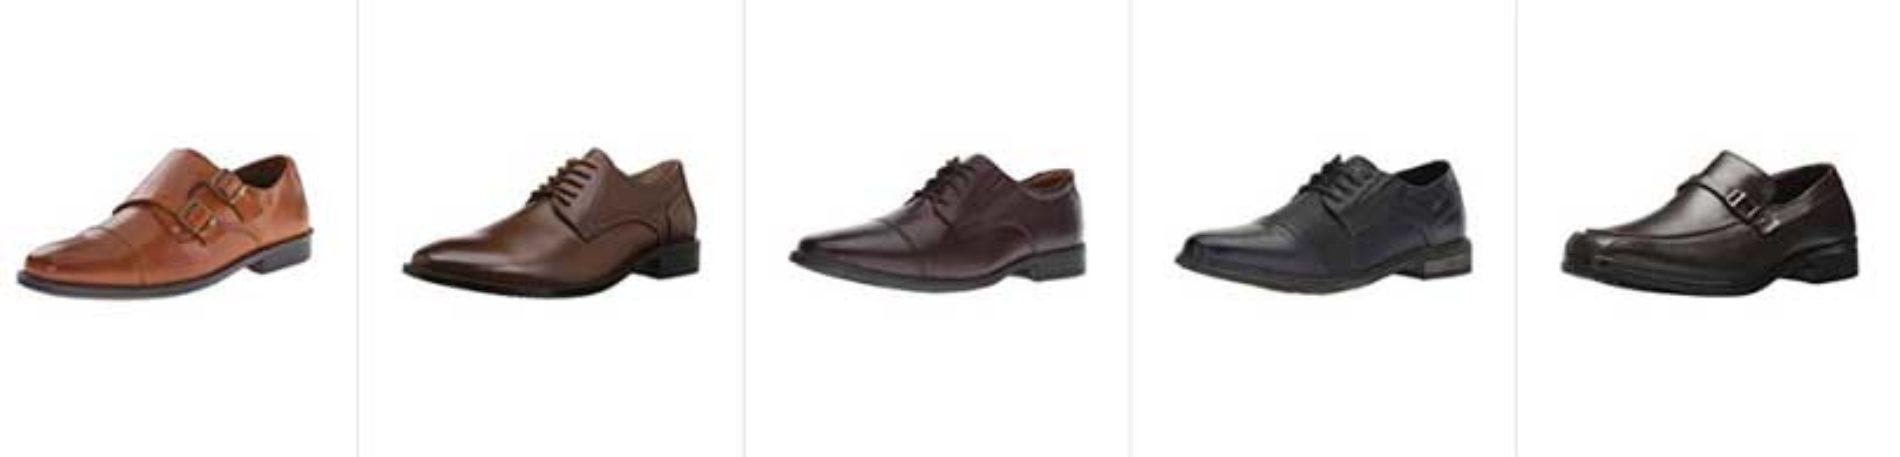 Kjøpe sko på nett fra utlandet